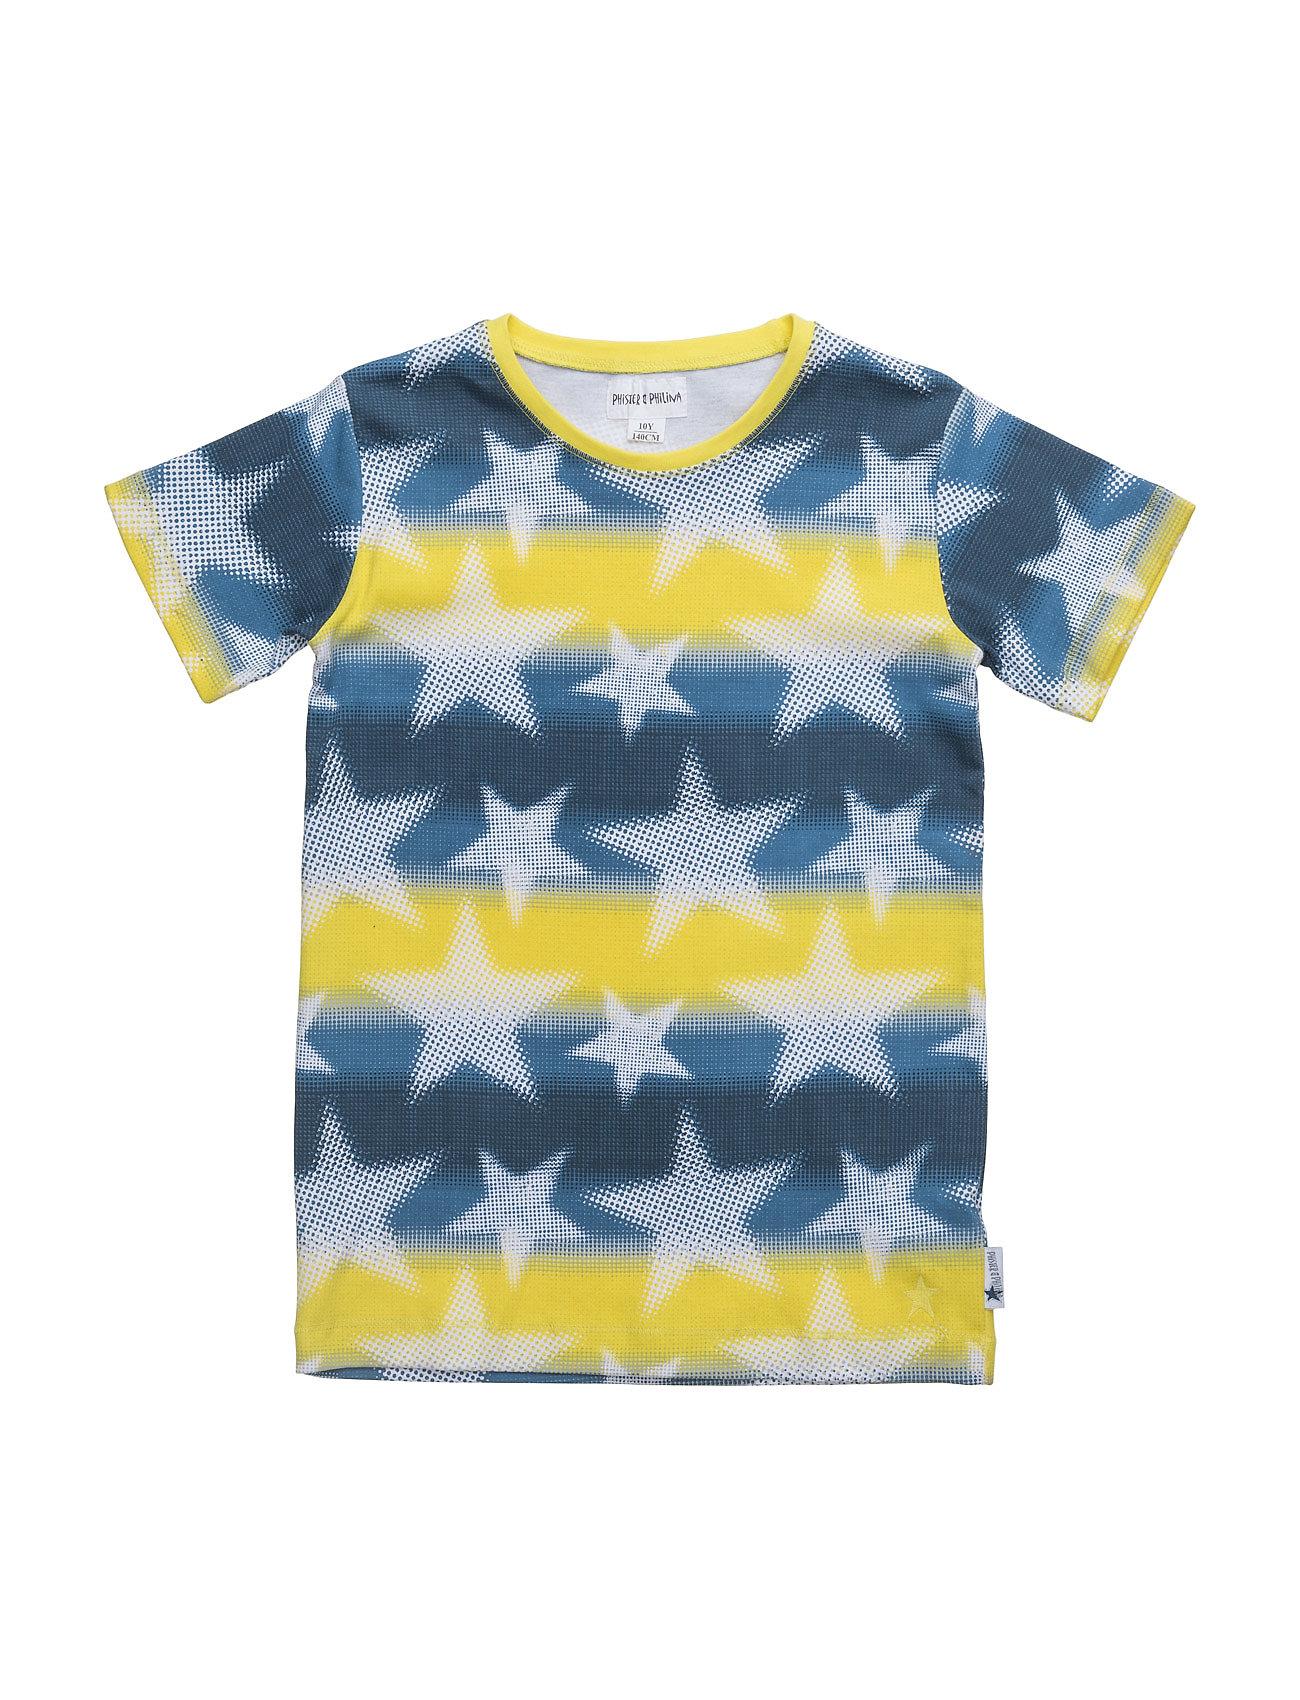 Villy Star Top Phister & Philina Kortærmede t-shirts til Børn i